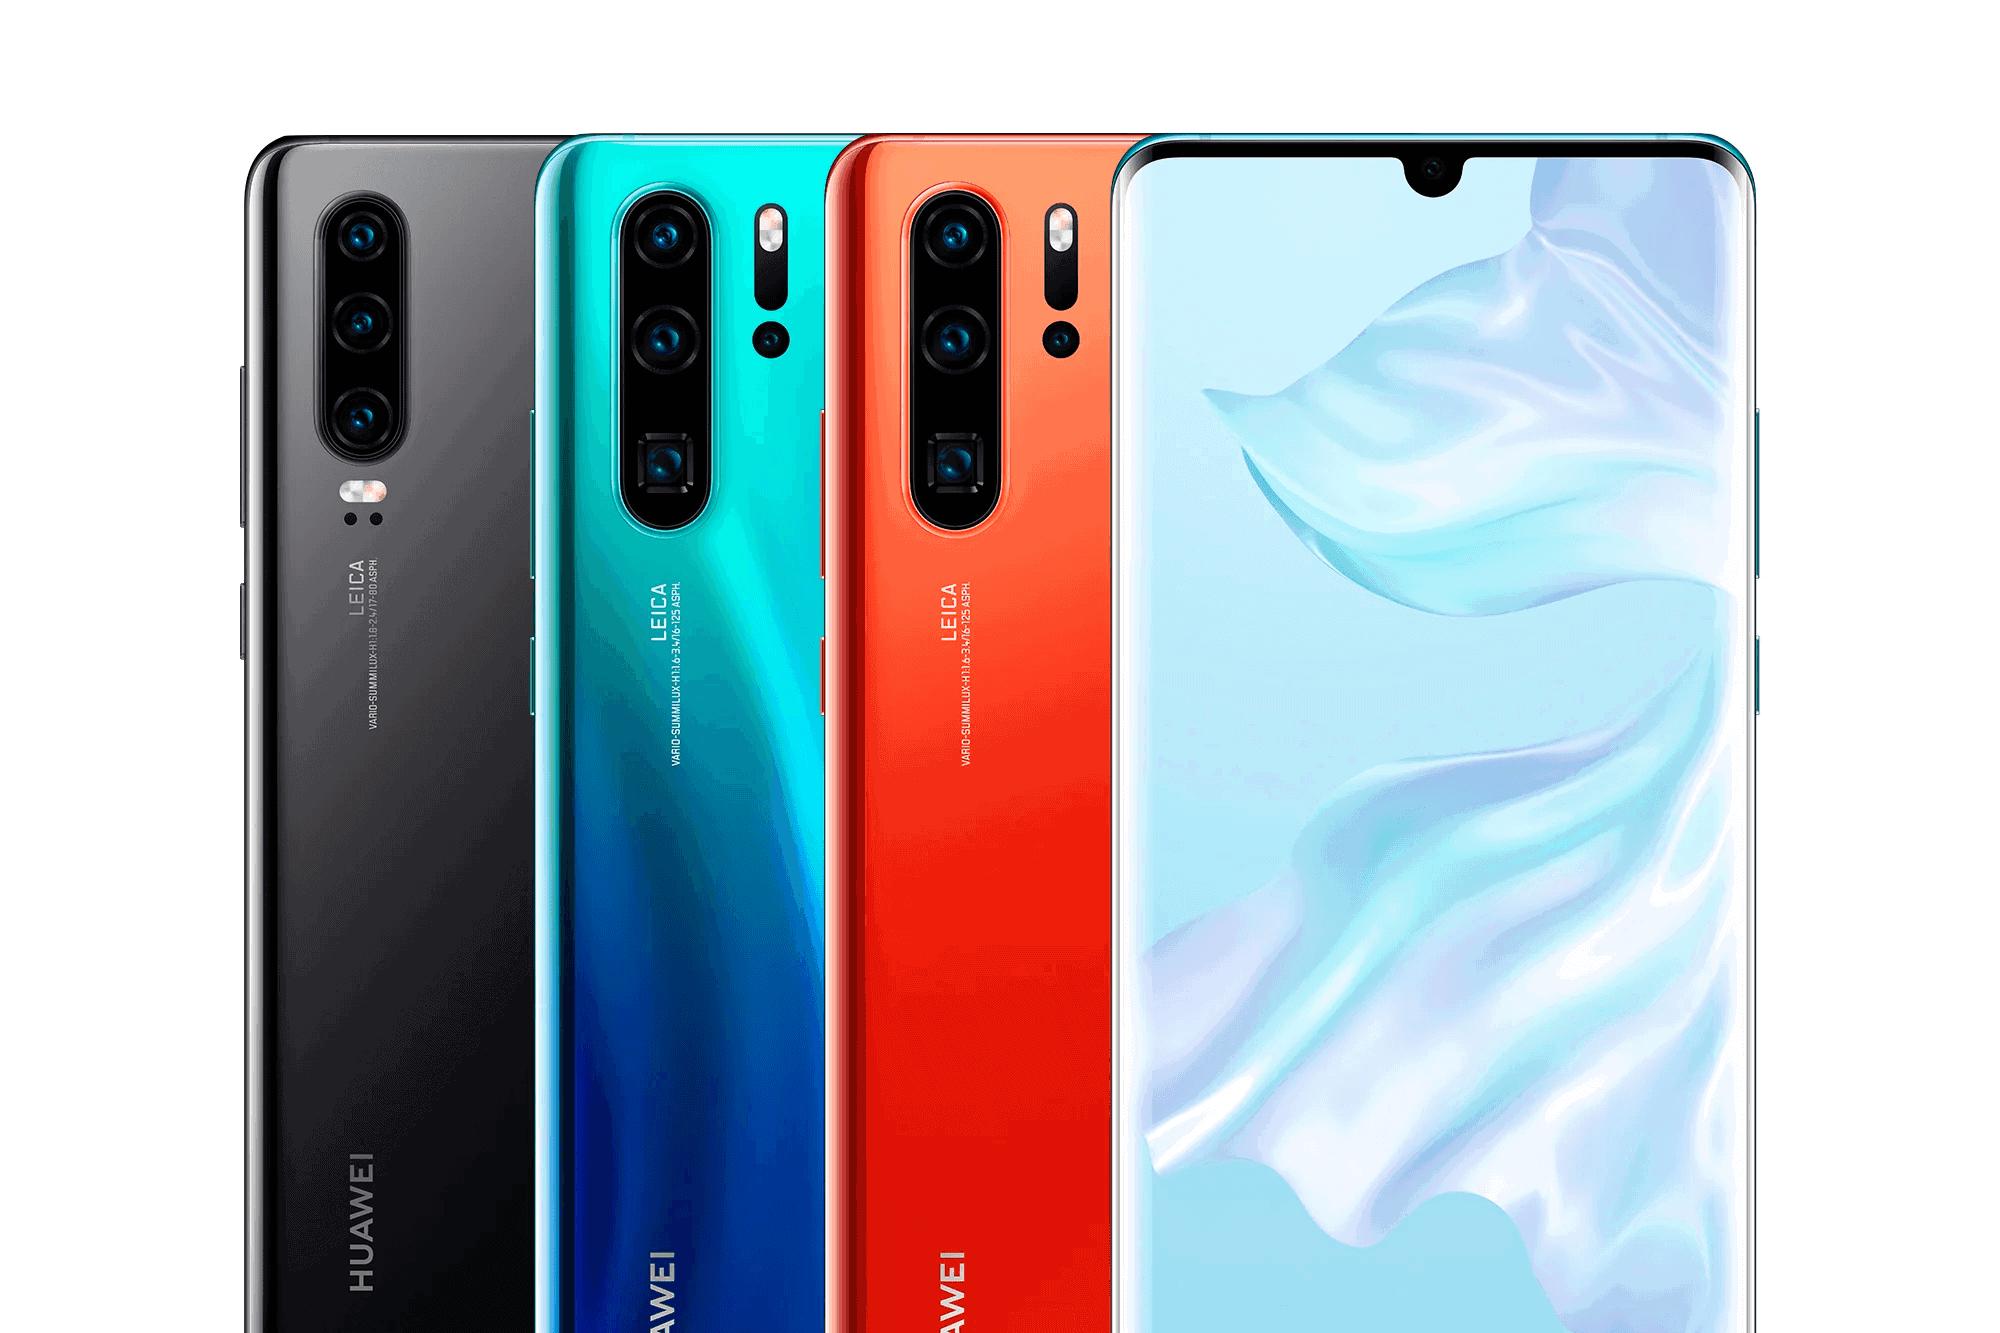 יצאנו לבדוק: מה באמת שווה ה-Huawei P30 Pro